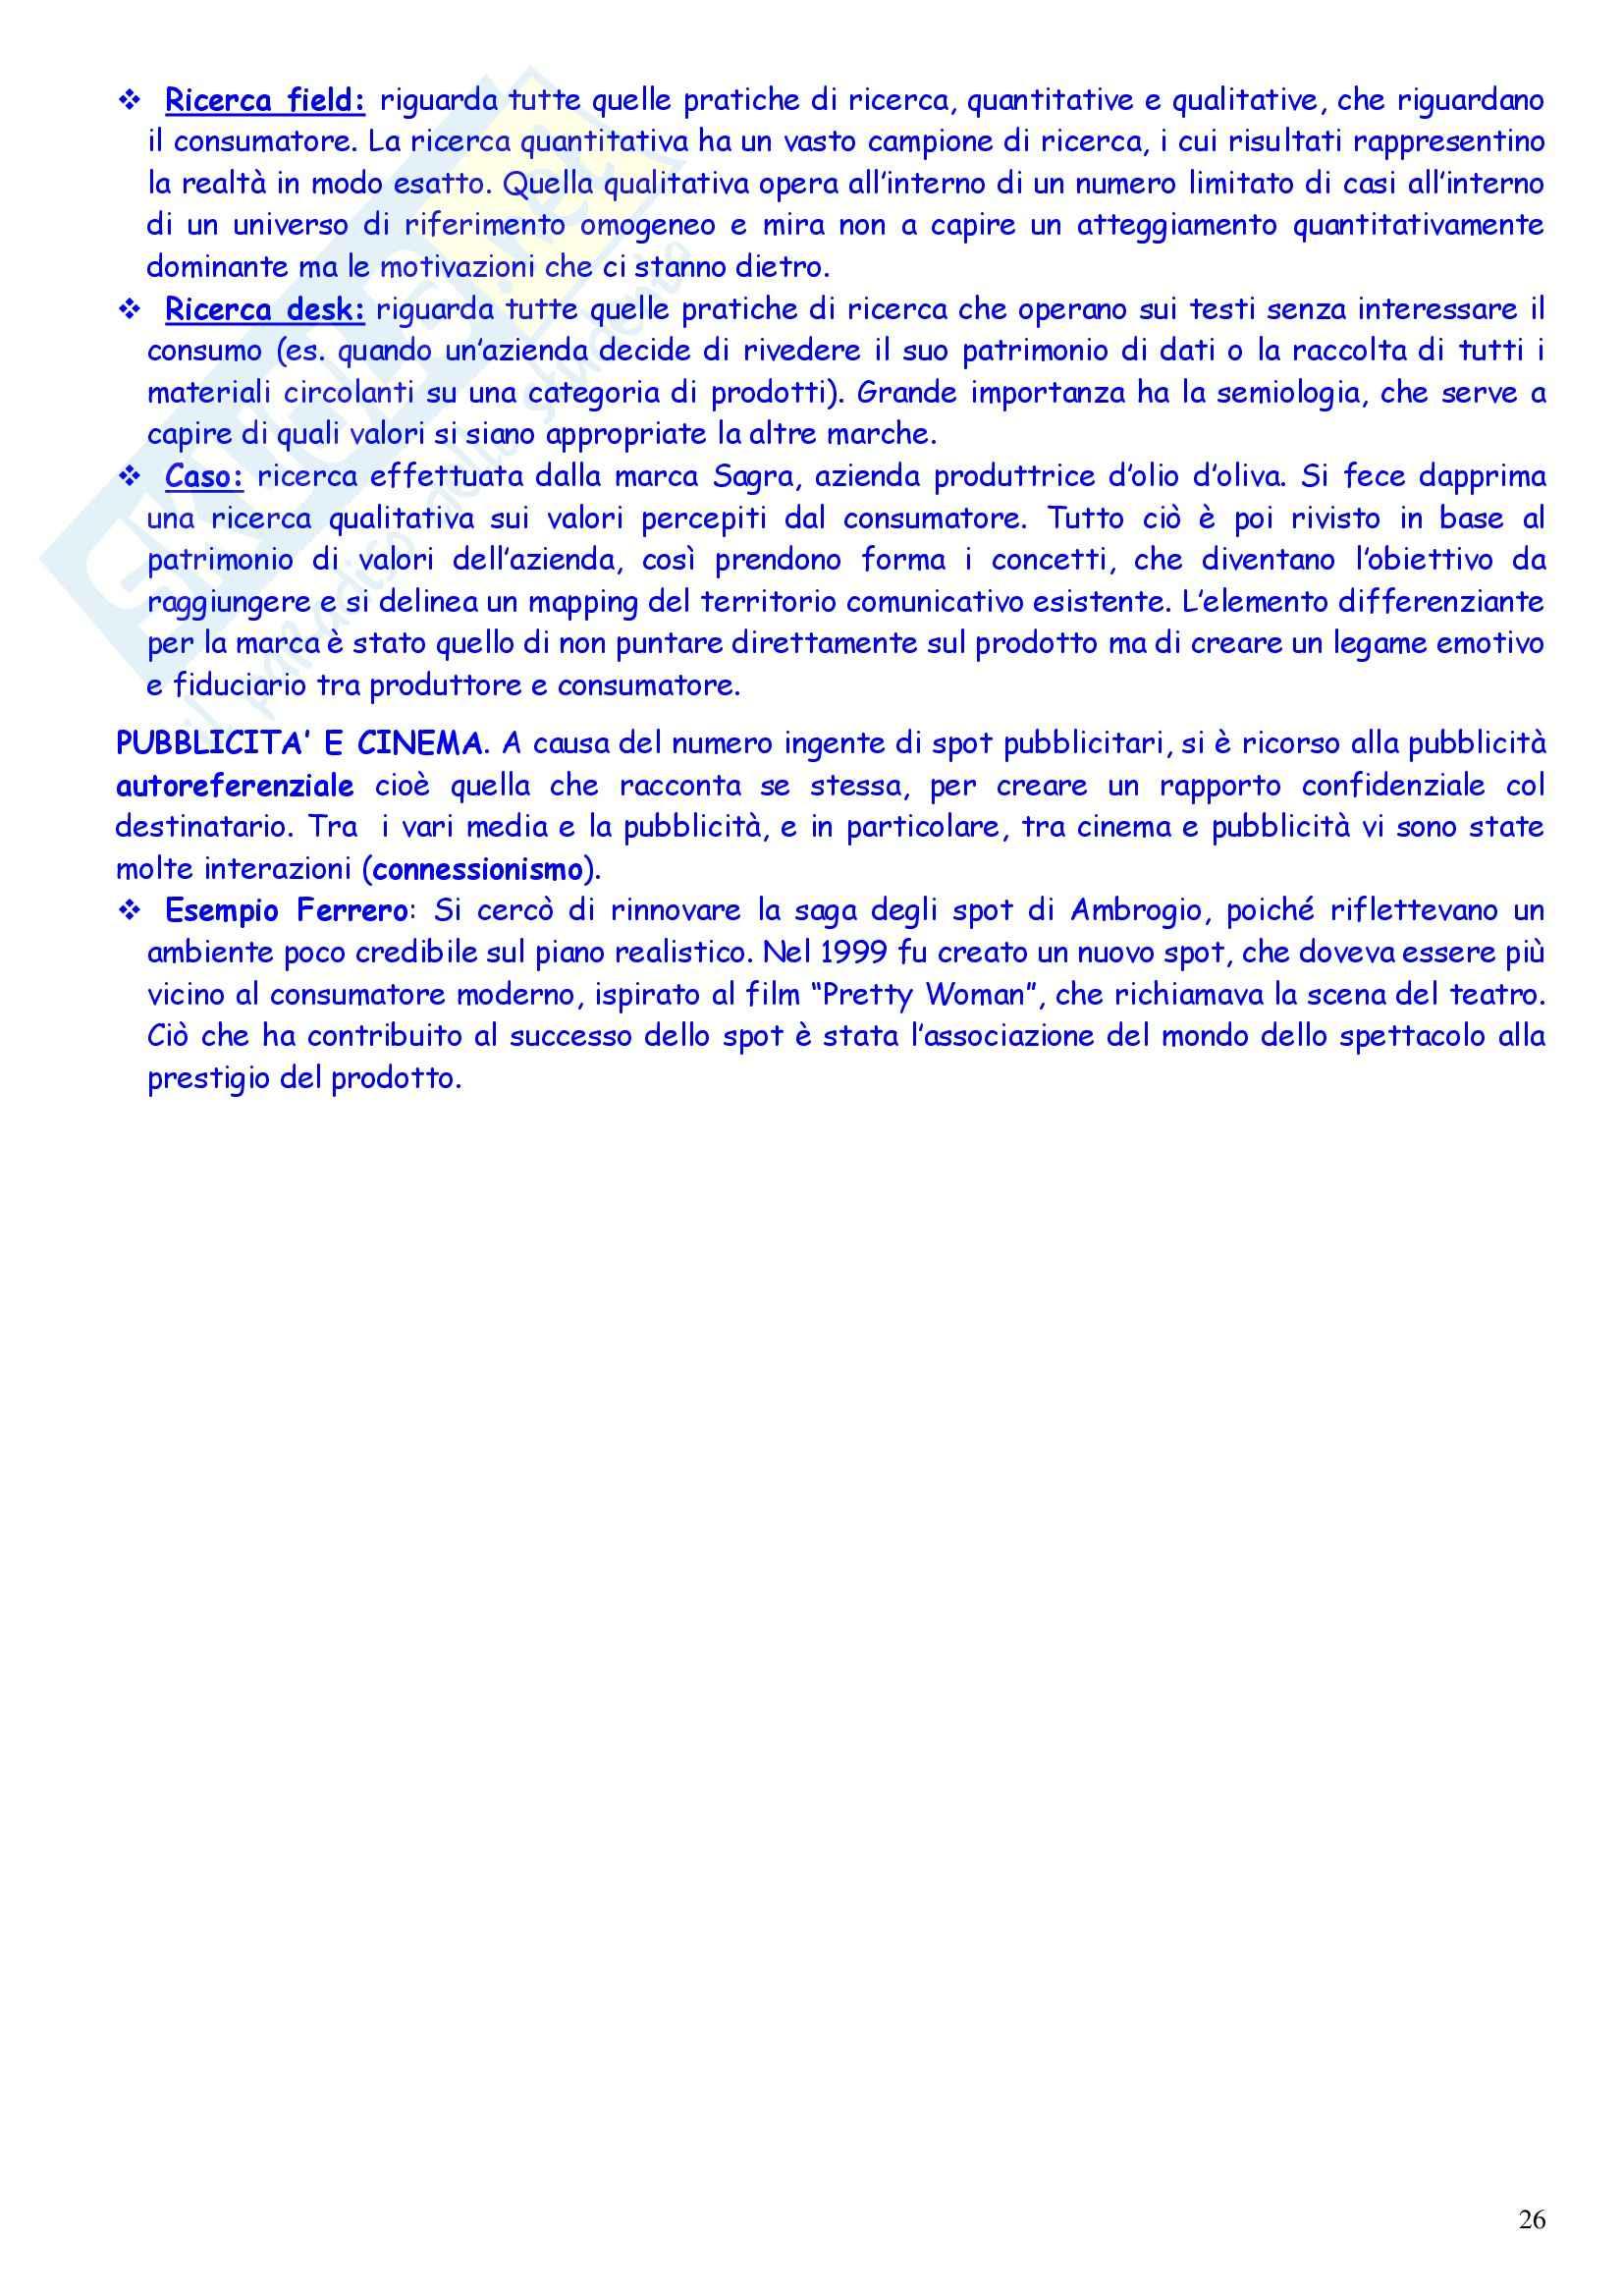 Teoria e tecnica delle comunicazioni di massa - Appunti Pag. 26